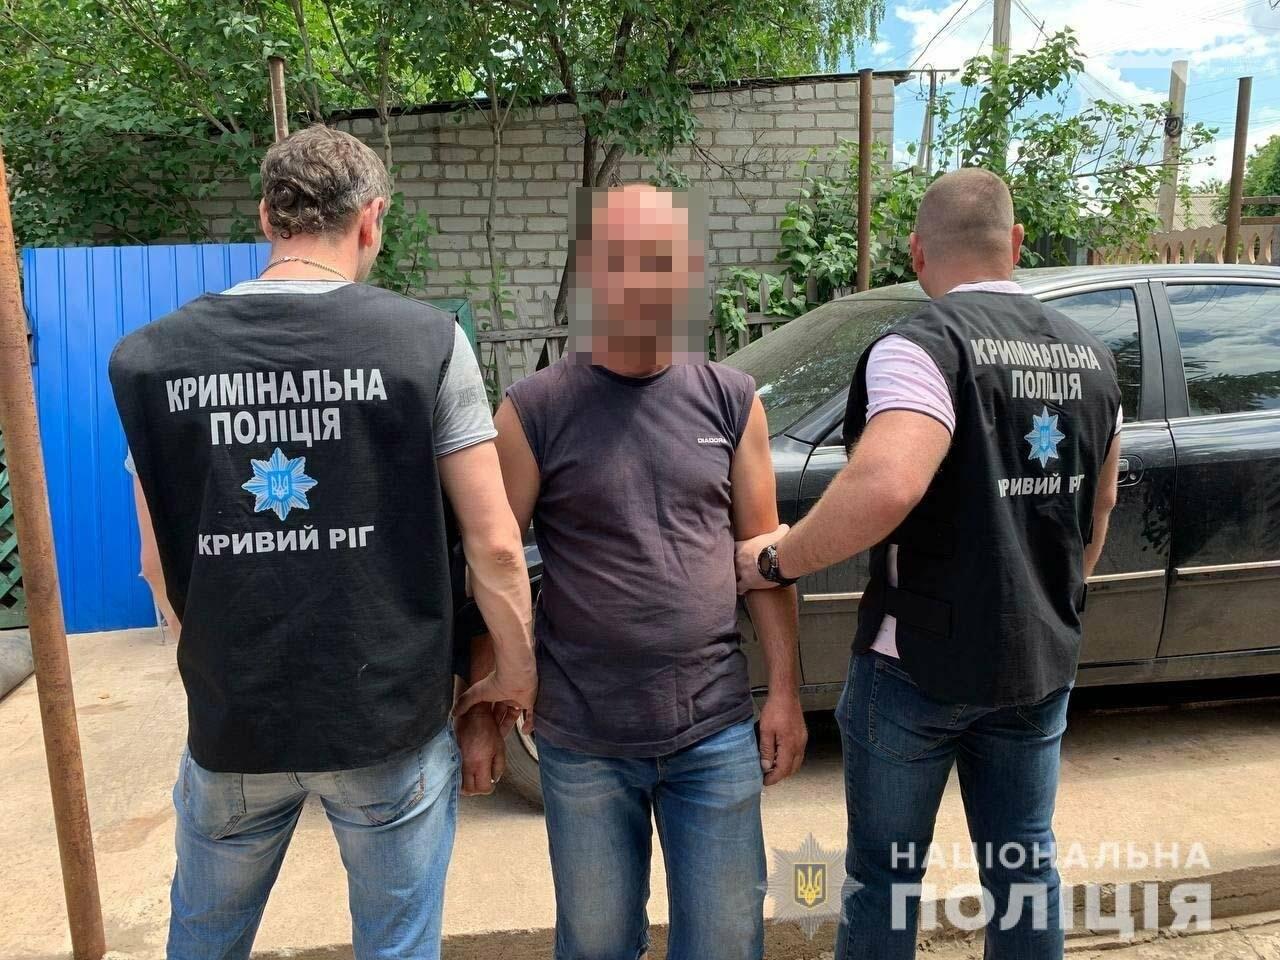 В Кривом Роге полицейские задержали 40-летнего рецидивиста во время сбыта наркотиков, - ФОТО, ВИДЕО , фото-5